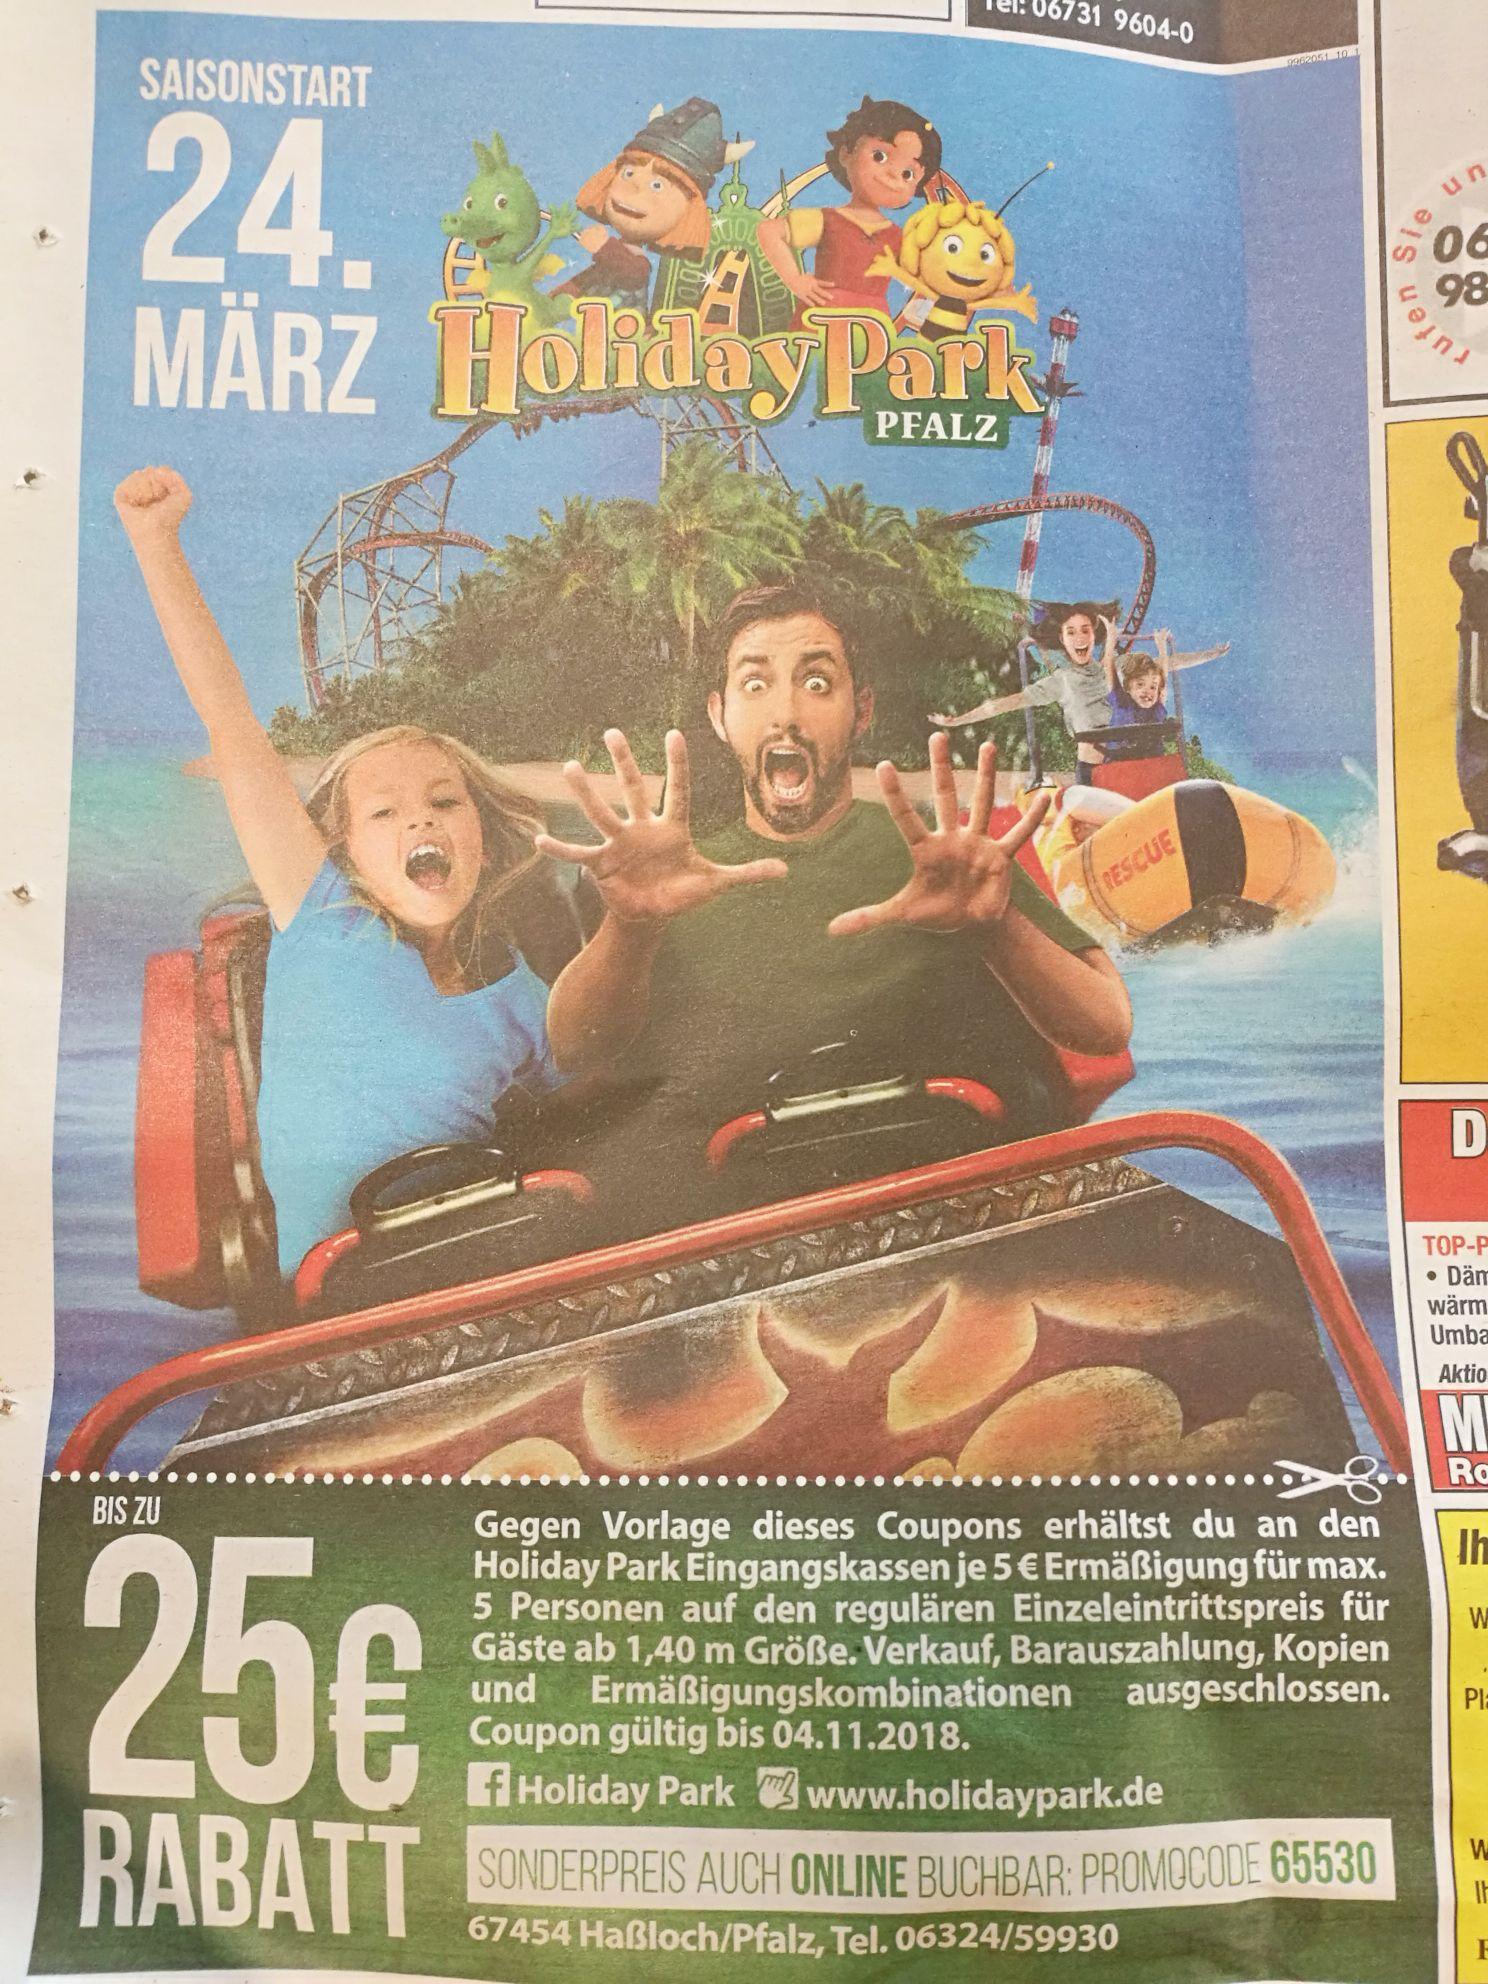 Holiday Park: Je 5€ Rabatt auf den Einzelticket-Preis (max 5 Personen)